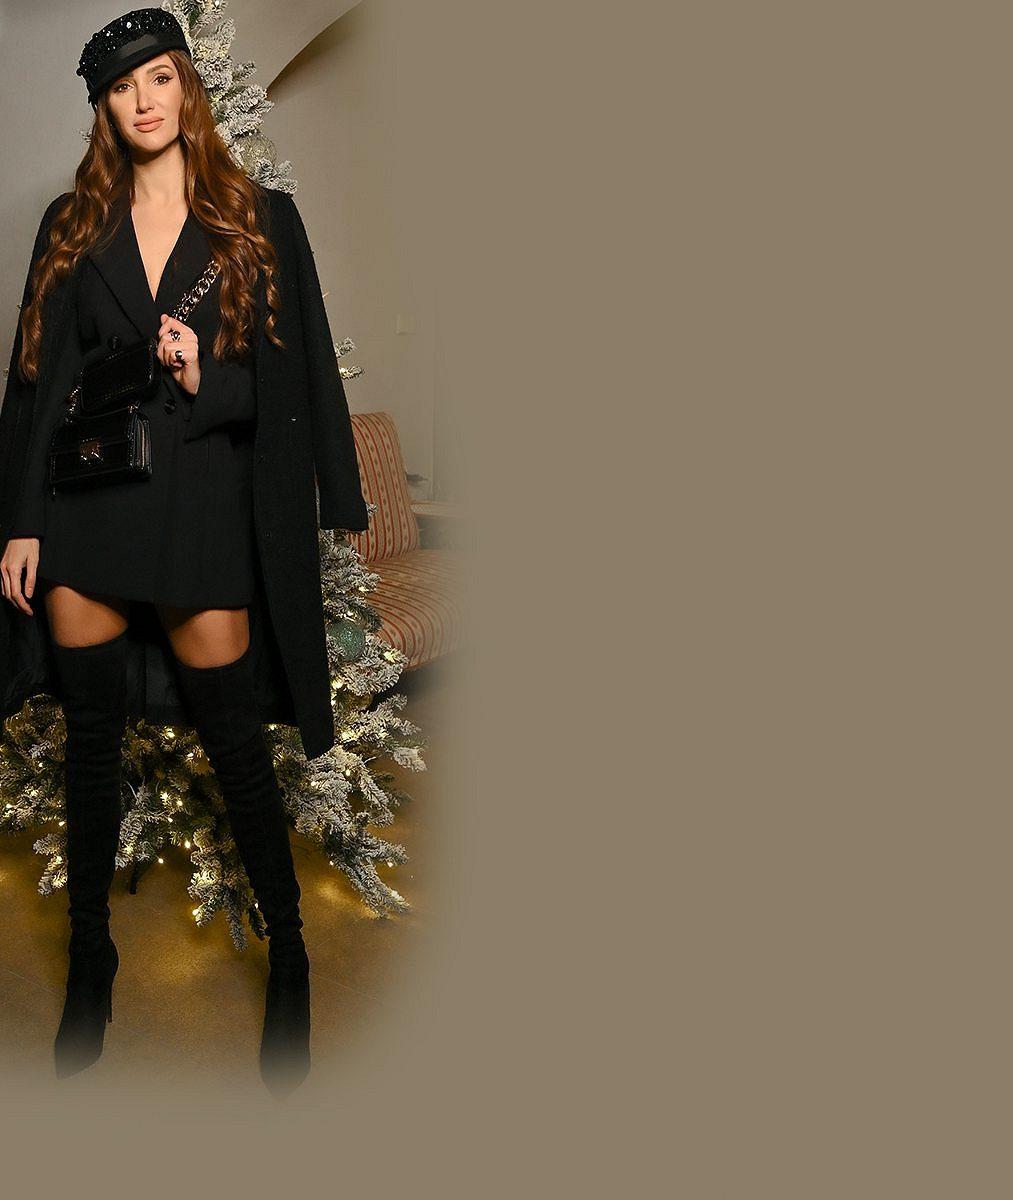 Makarenko ráda kupuje idostává od partnera hlavně luxusní kousky: Čím jsem starší, tím mám radši dražší věci